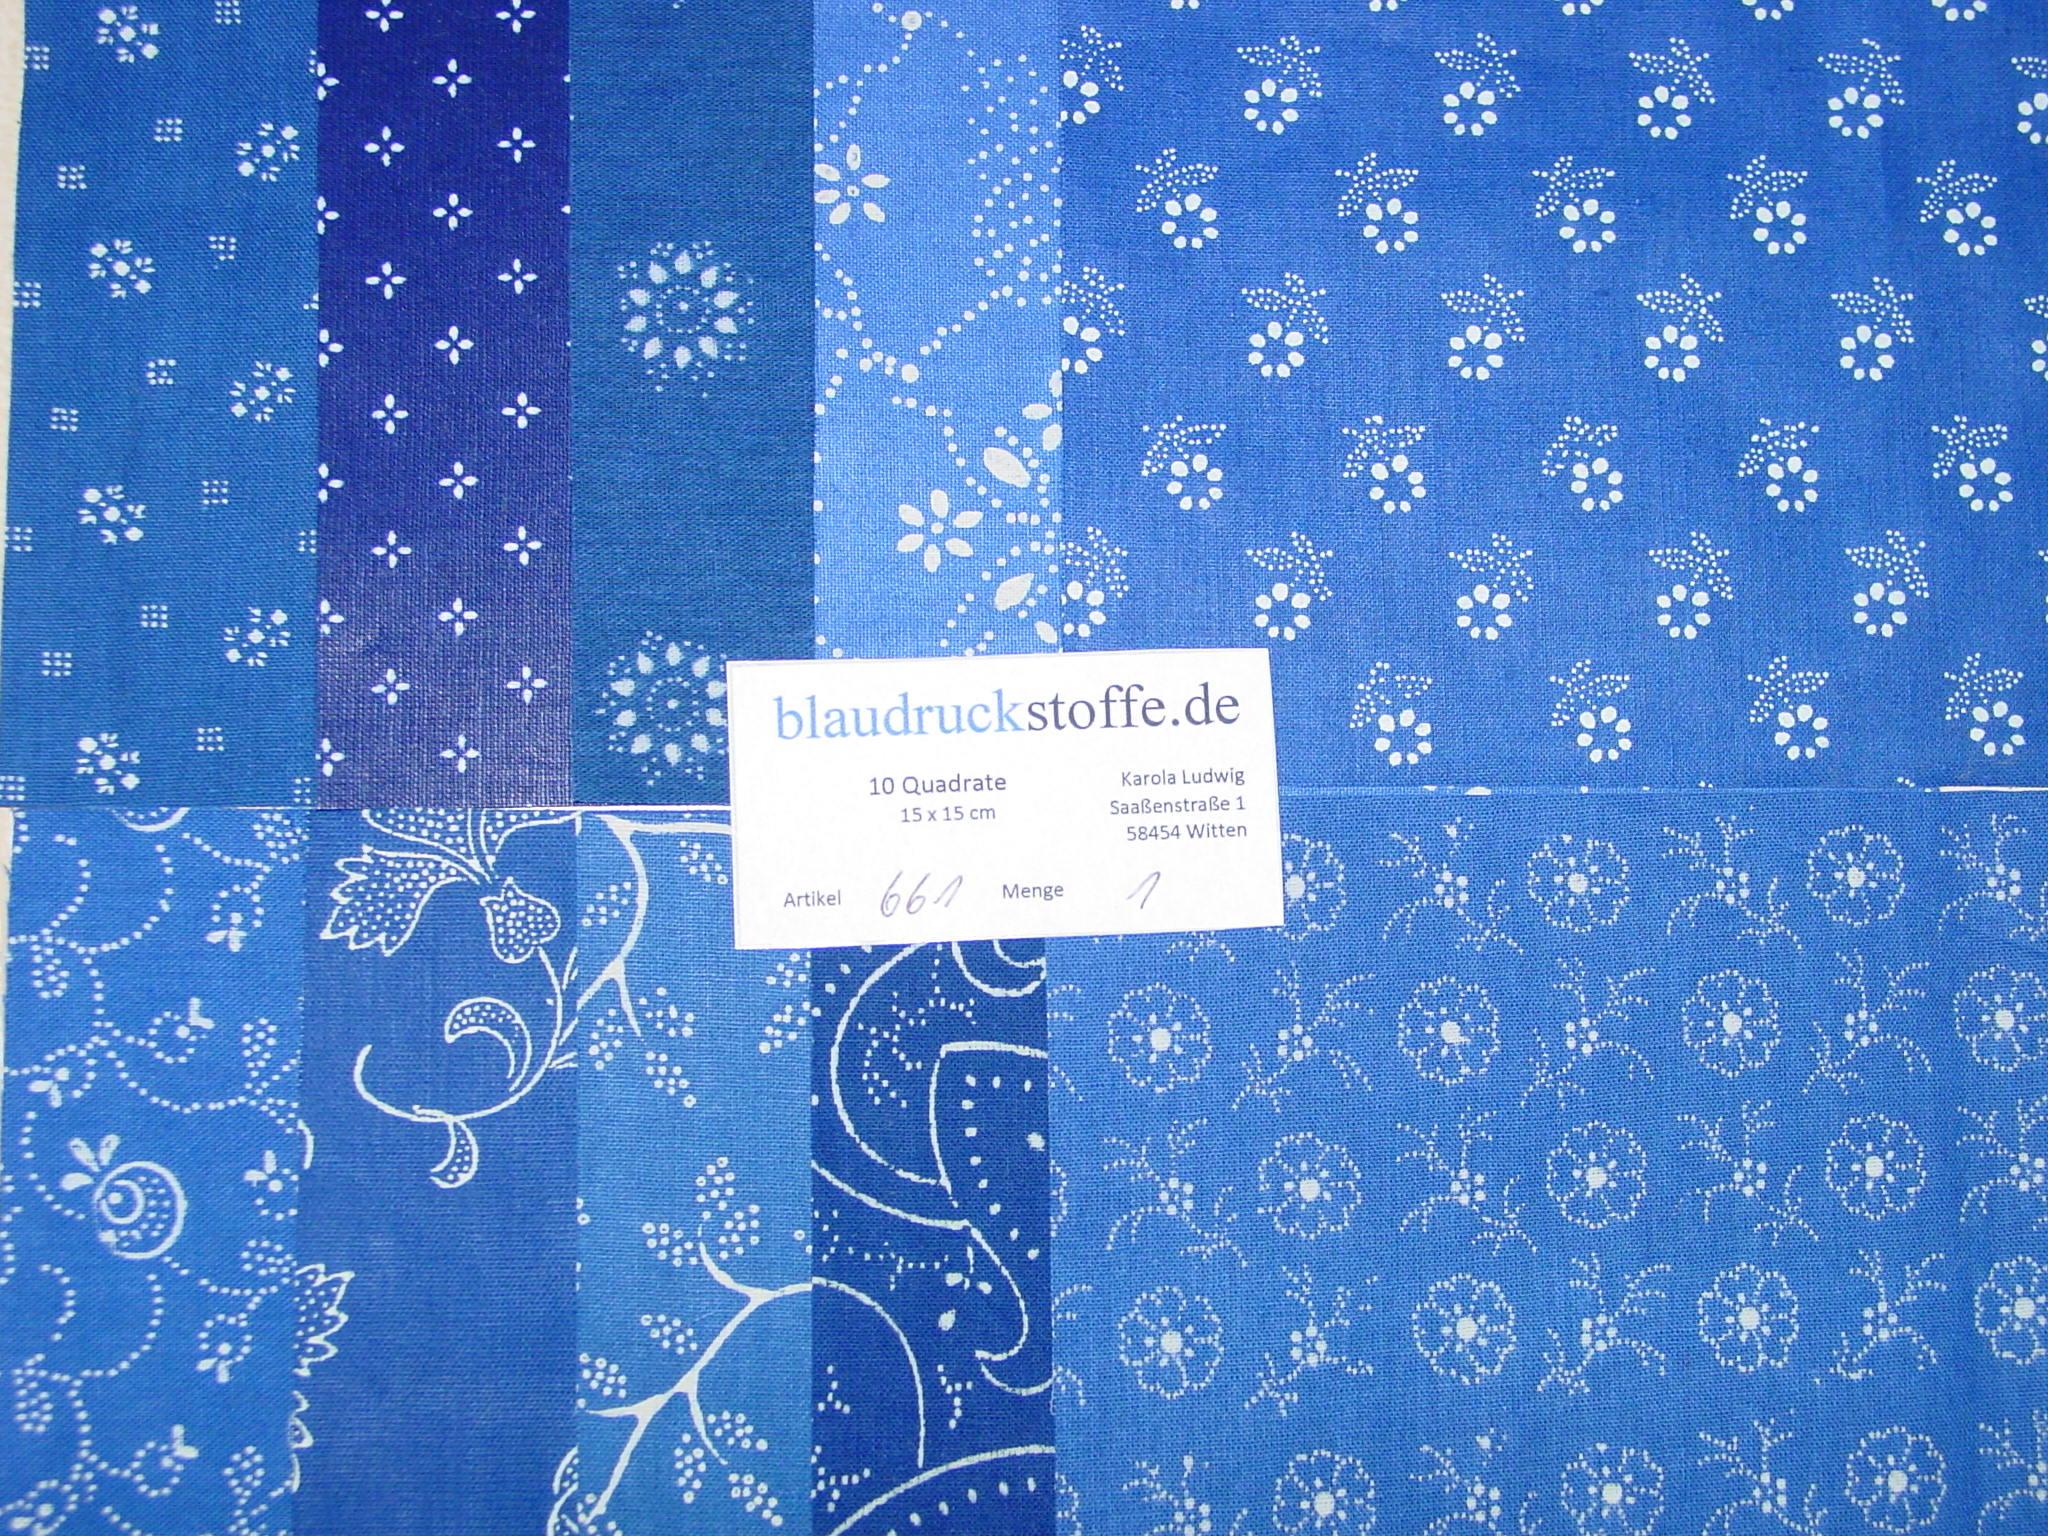 Blaudruck Patchwork-Stoffpaket 661-0